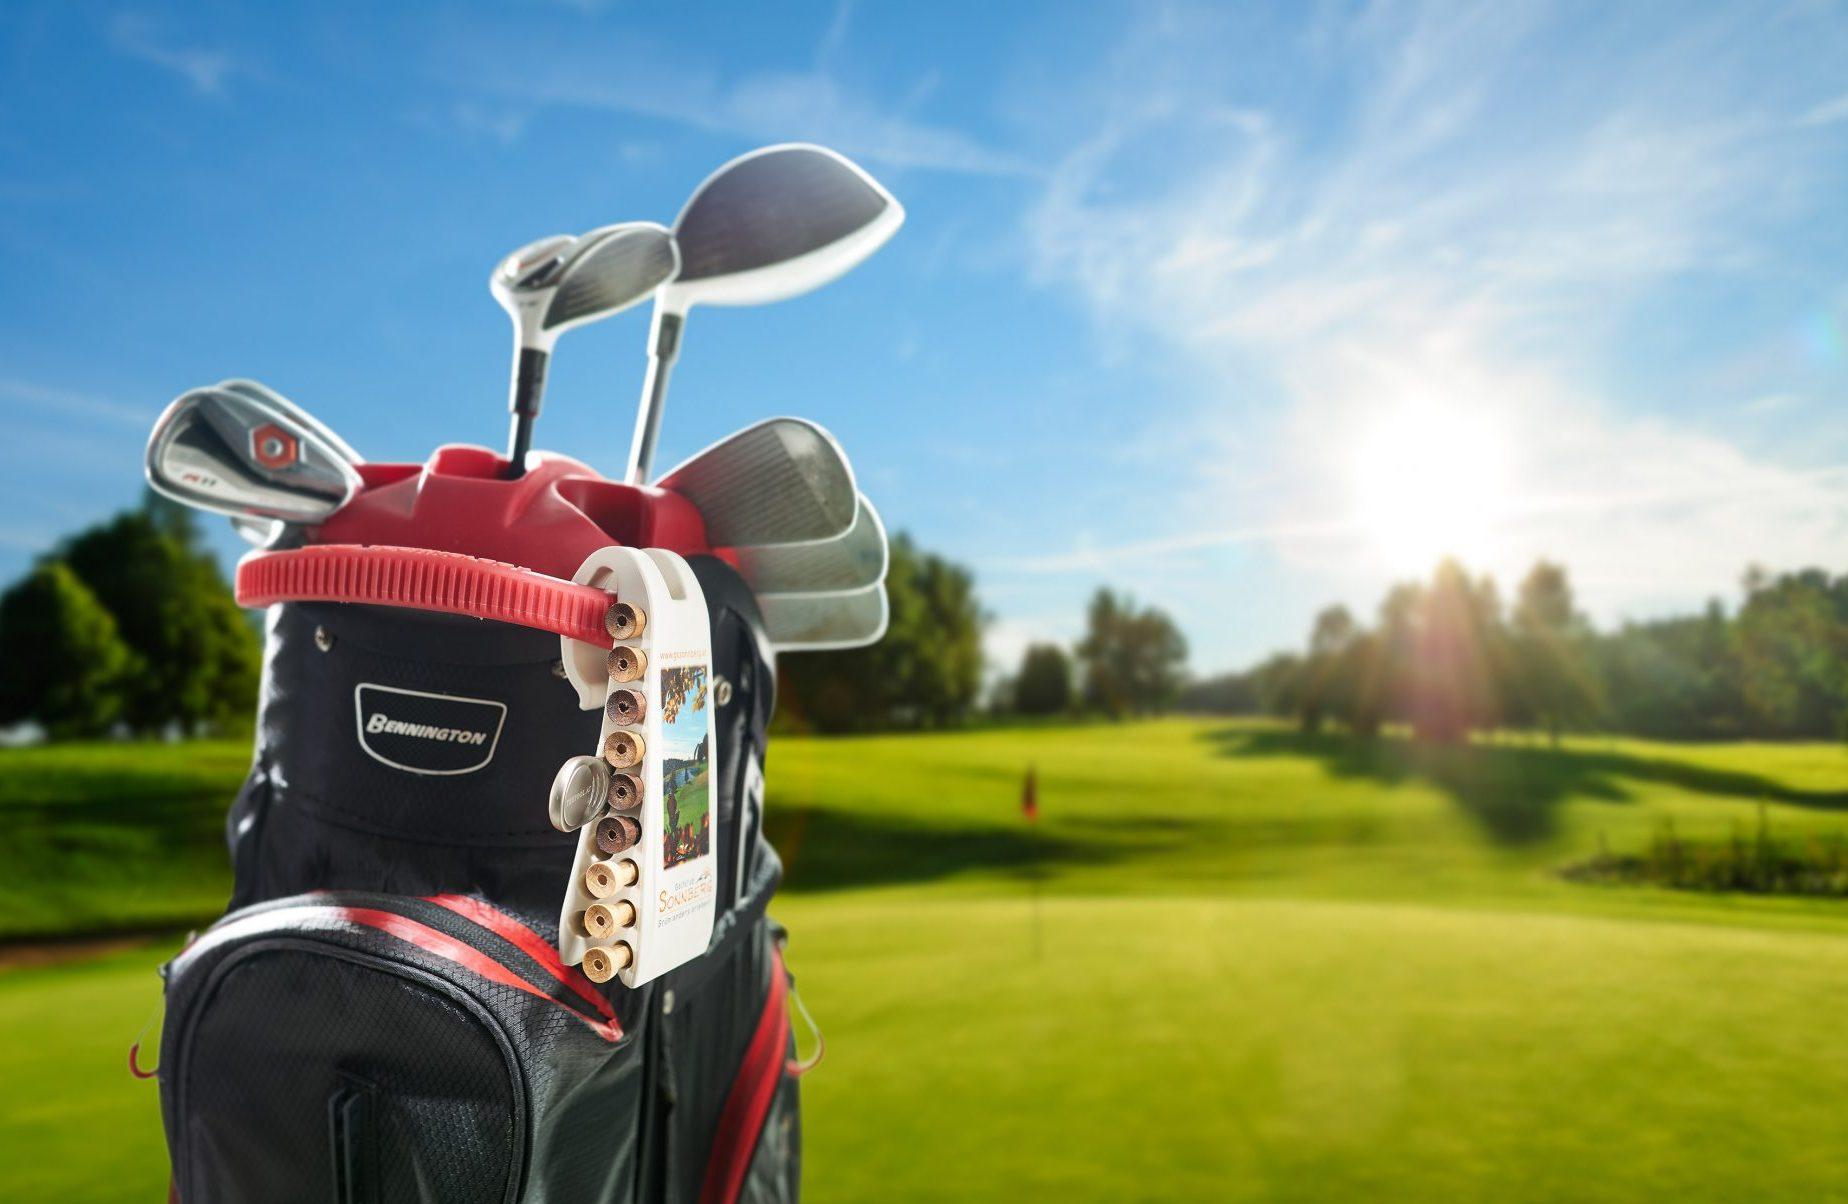 Startgeschenk-golfturnier-golftee-werbegeschenk-Pitchgabel